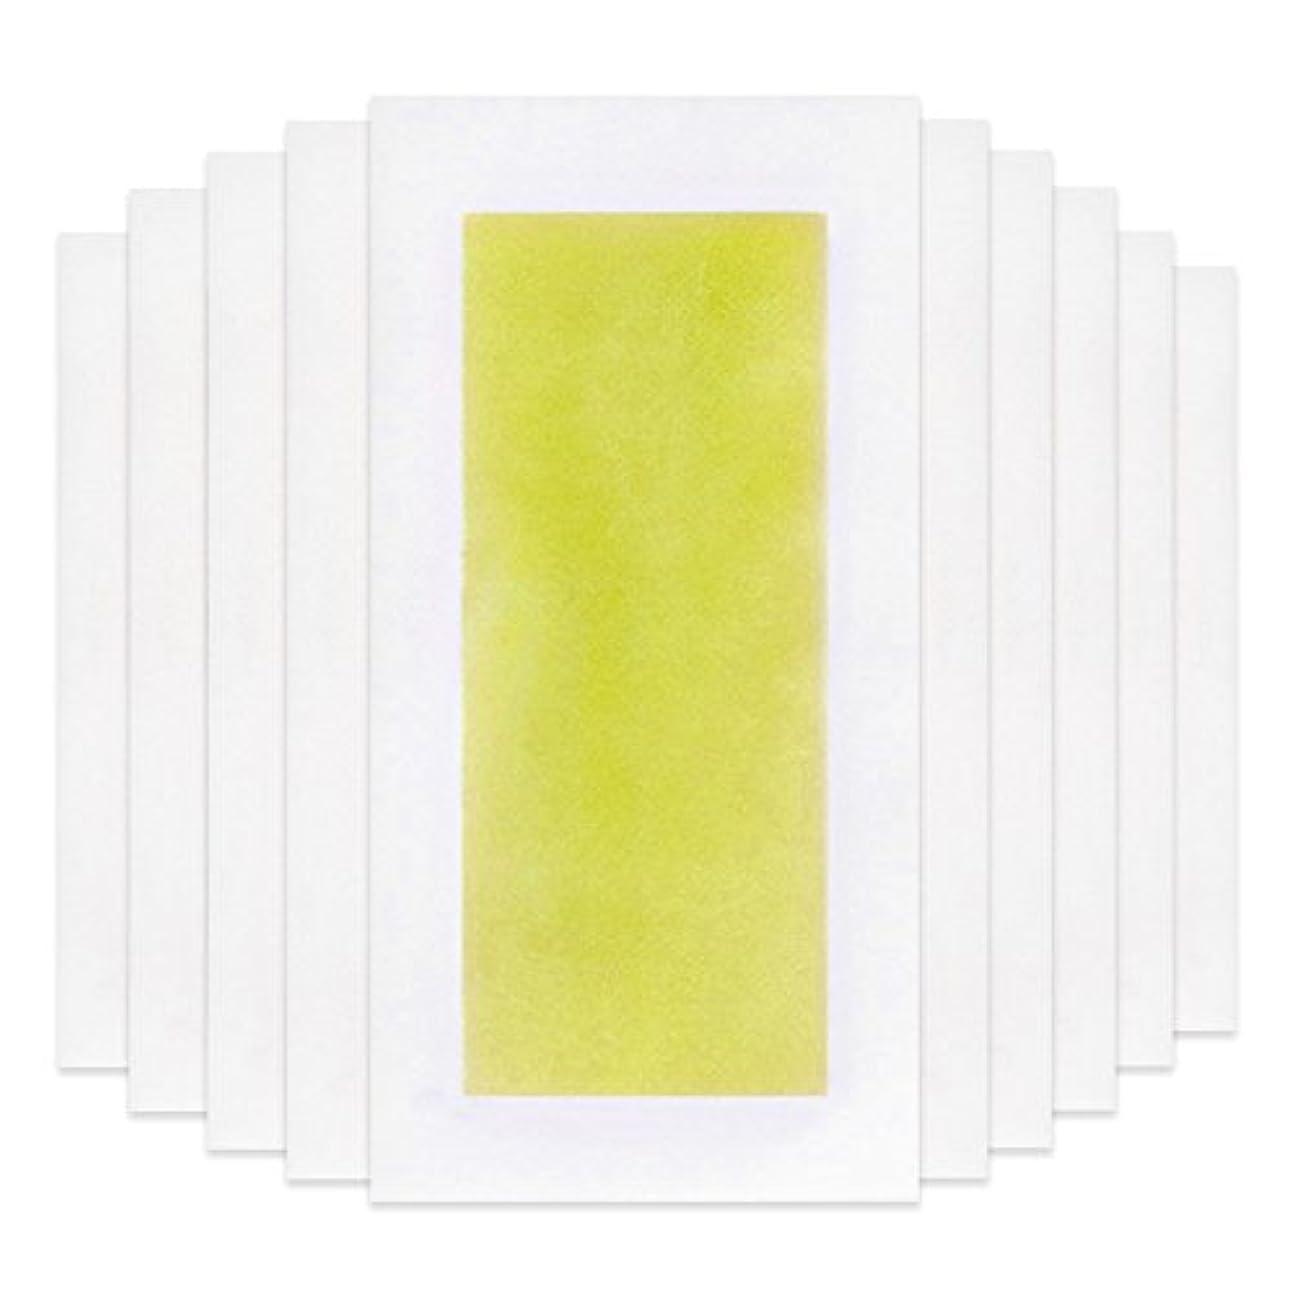 ストラトフォードオンエイボン集めるセクタRabugoo 脚の身体の顔のための10個のプロフェッショナルな夏の脱毛ダブルサイドコールドワックスストリップ紙 Yellow